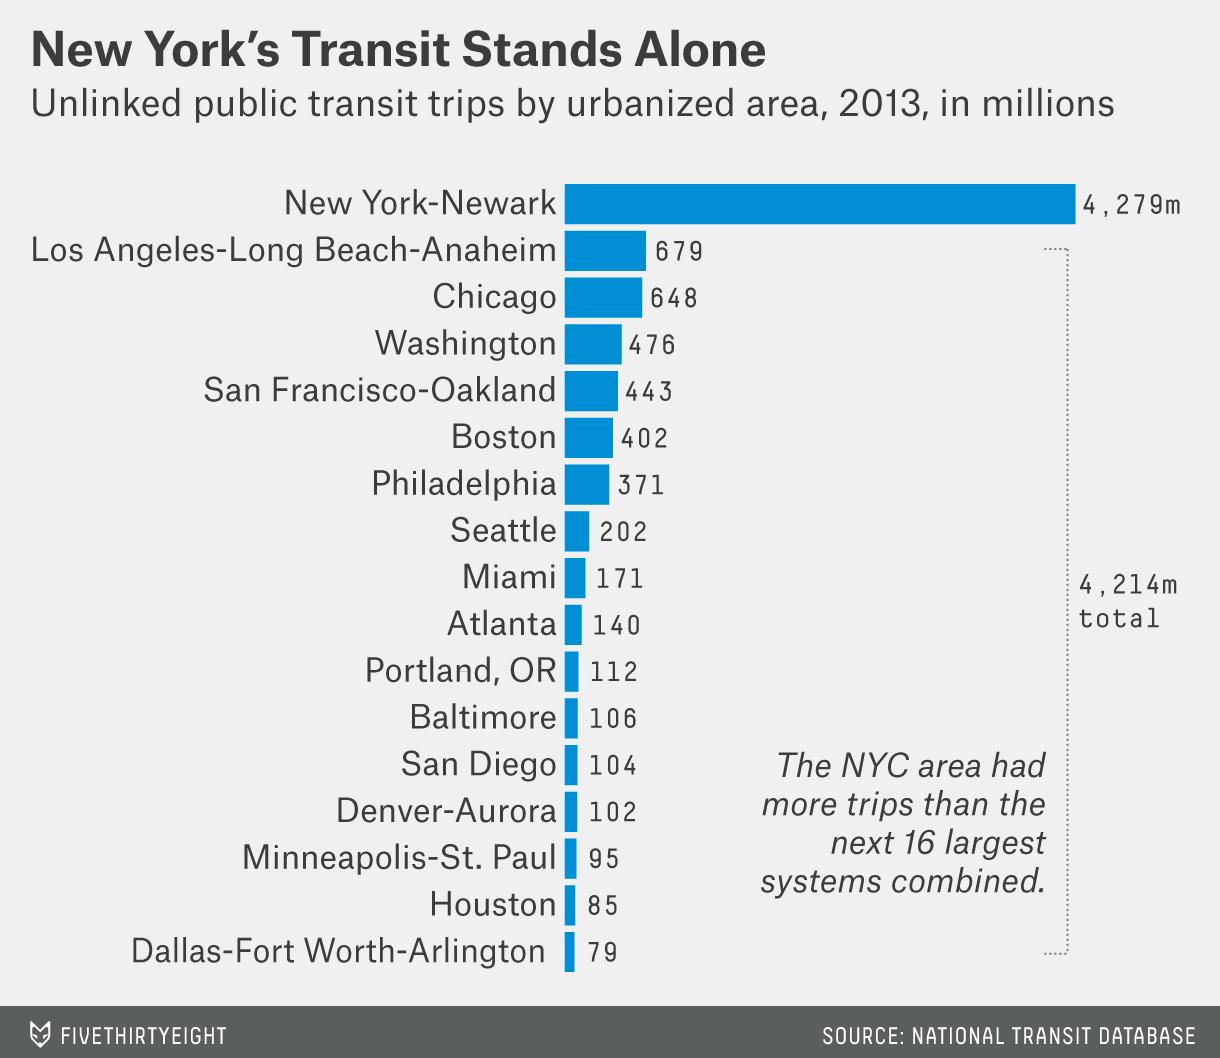 fischer-baum-datalab-public-transit-chart